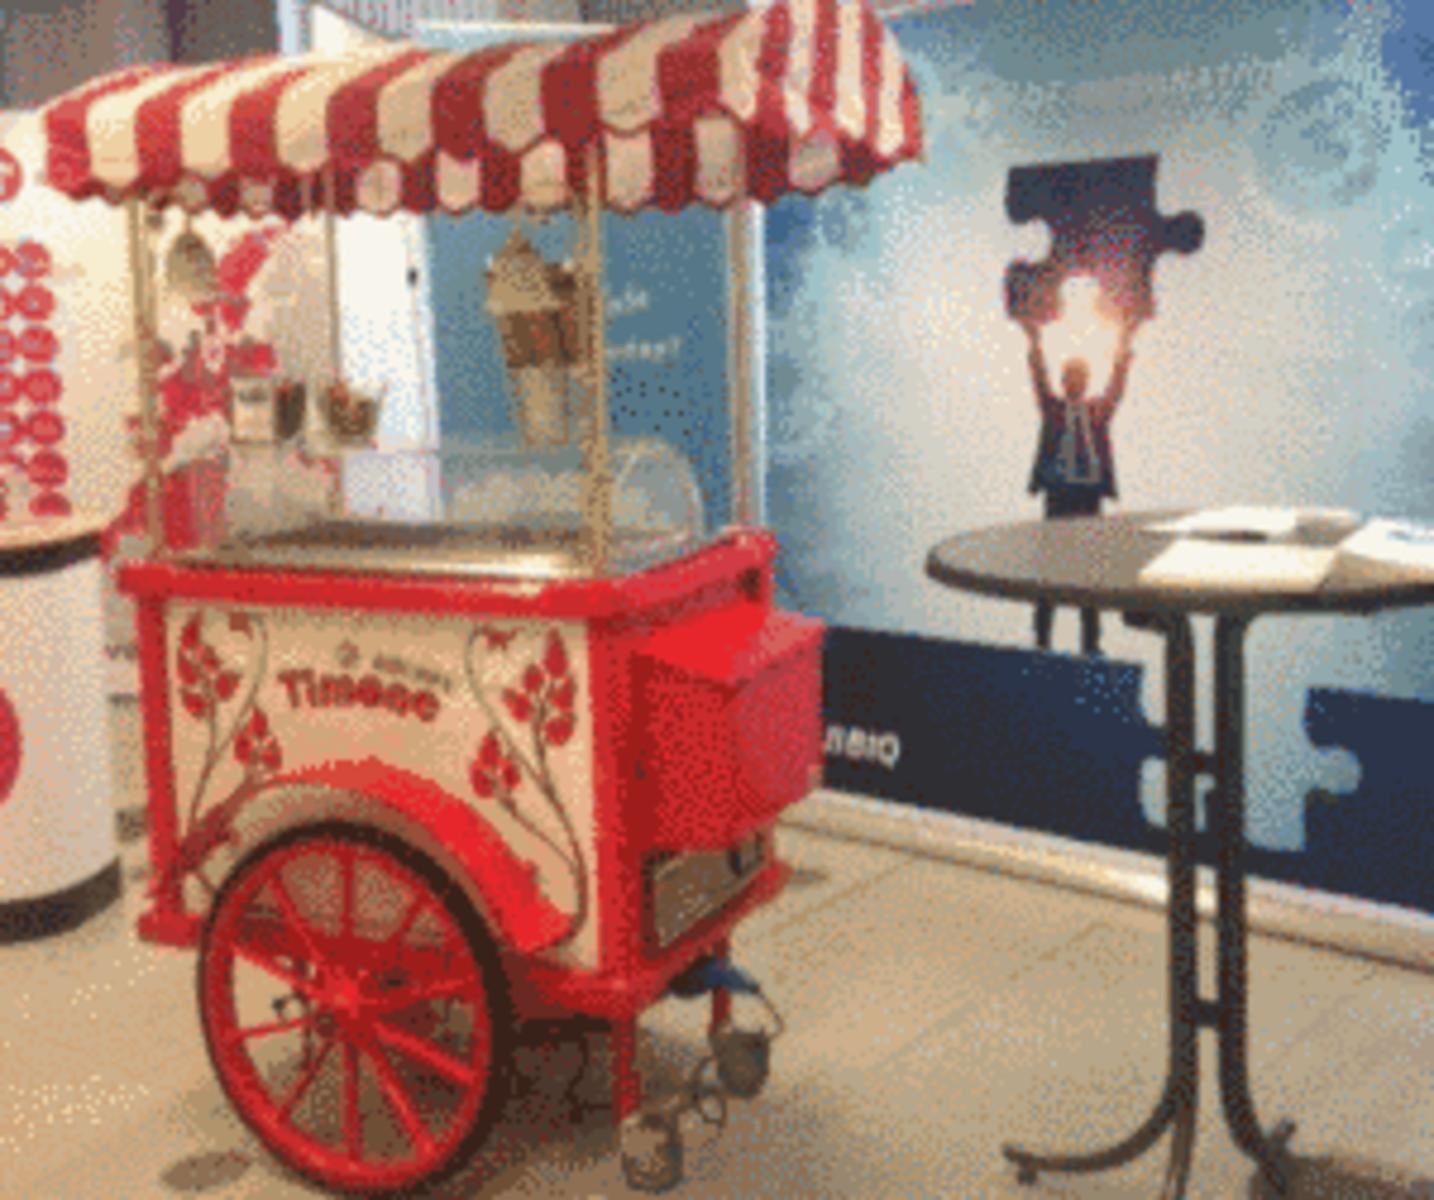 Quicool An Der Uni Quibiq Mit Eiswagen Auf Der Kontaktmesse